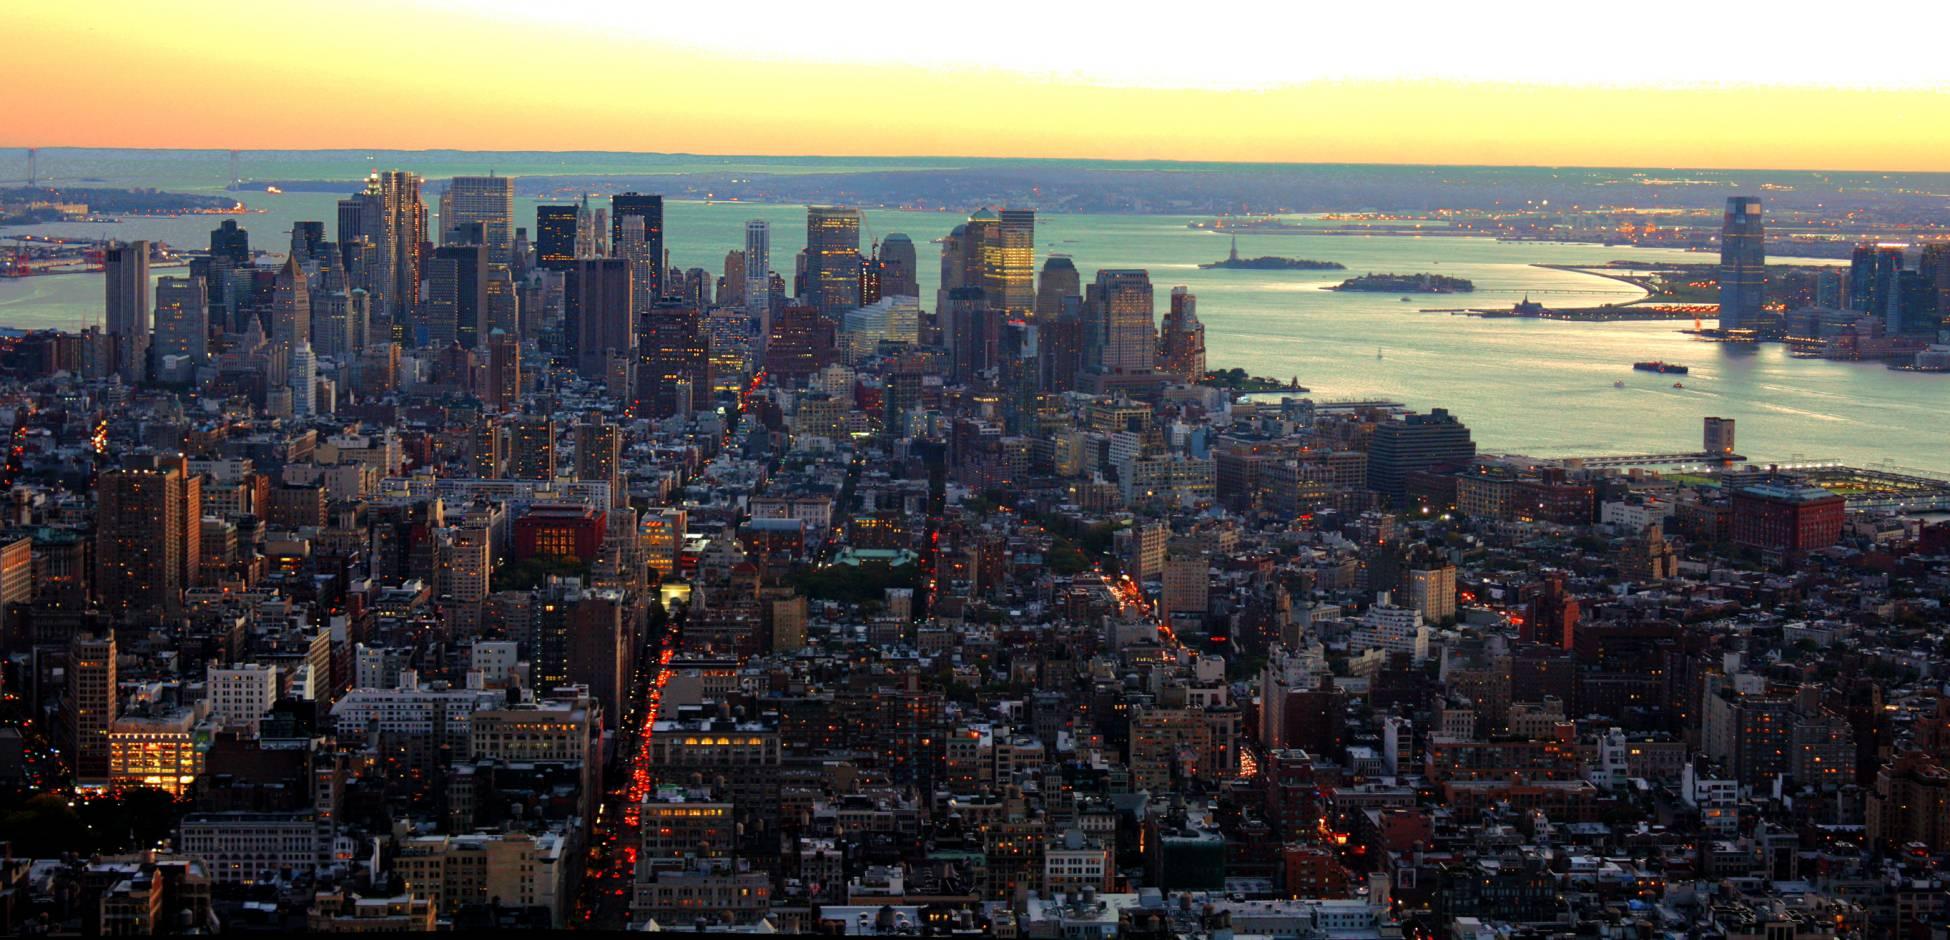 Villes Les Plus Visites Au Monde Villes Les Plus